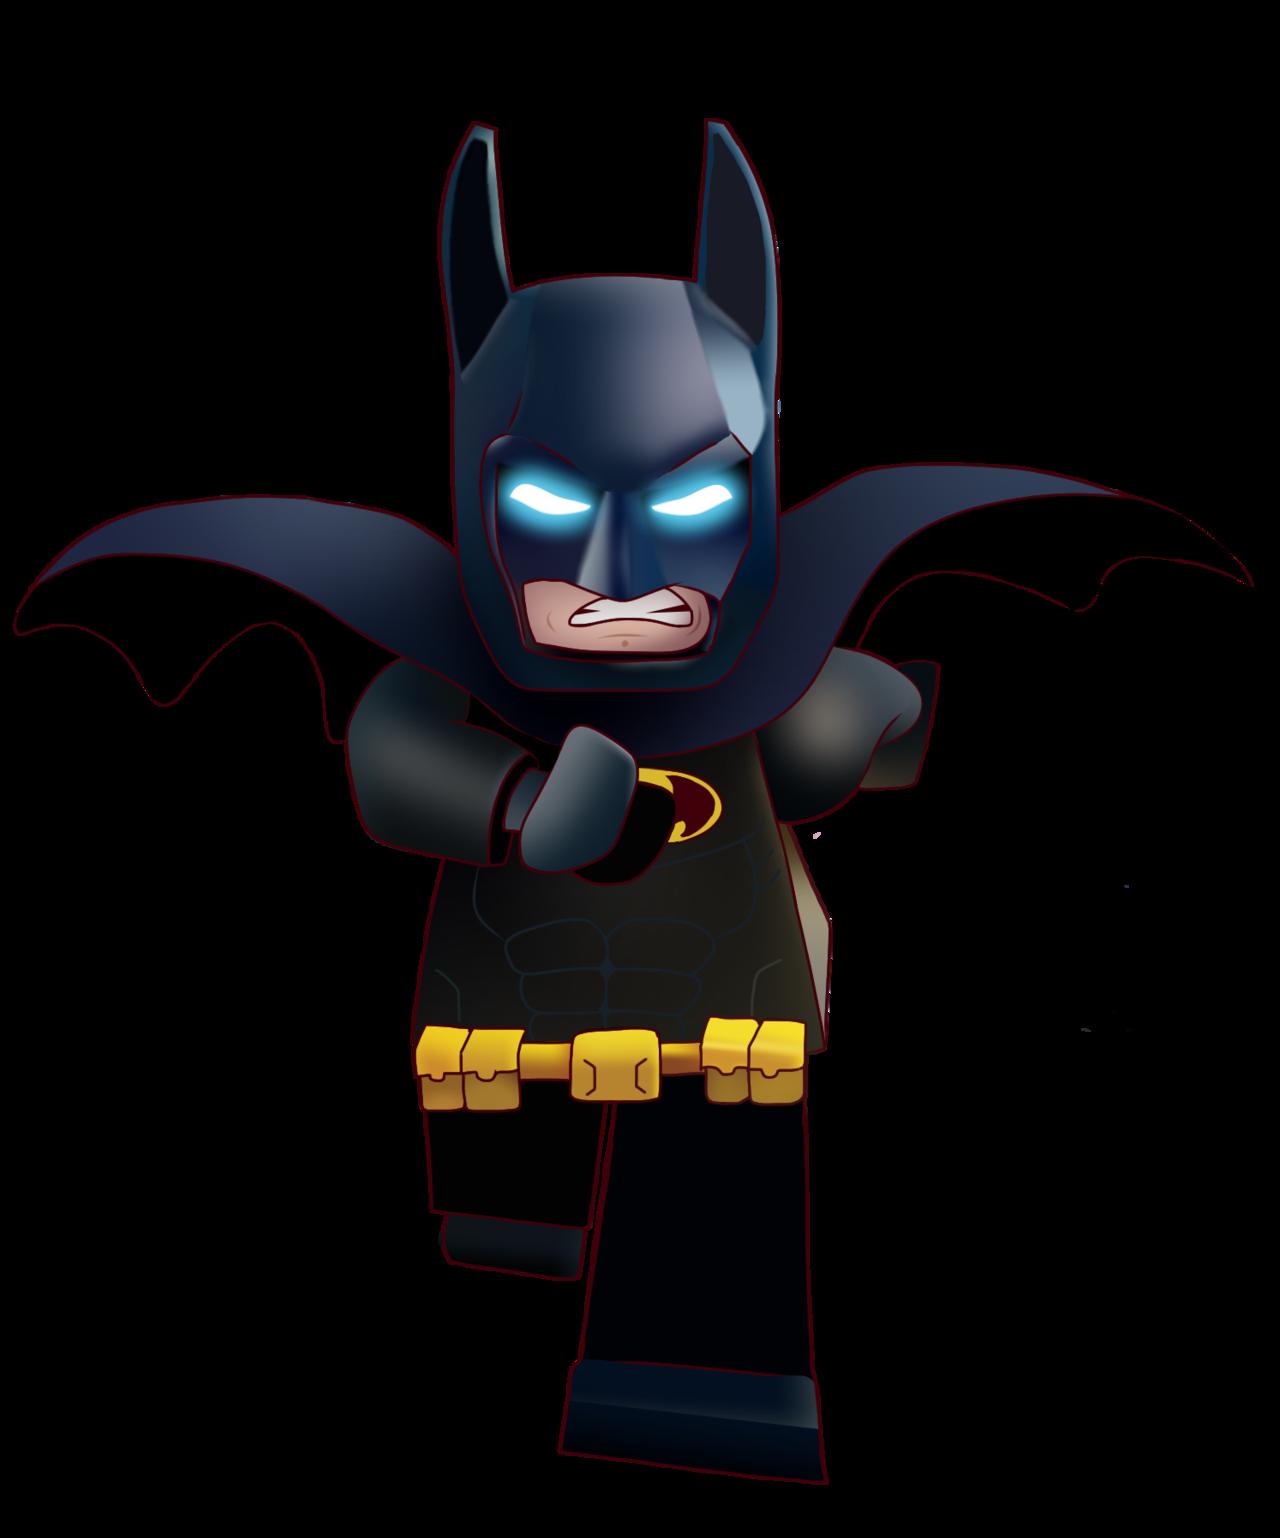 Lego batman png no. Justice clipart cartoon